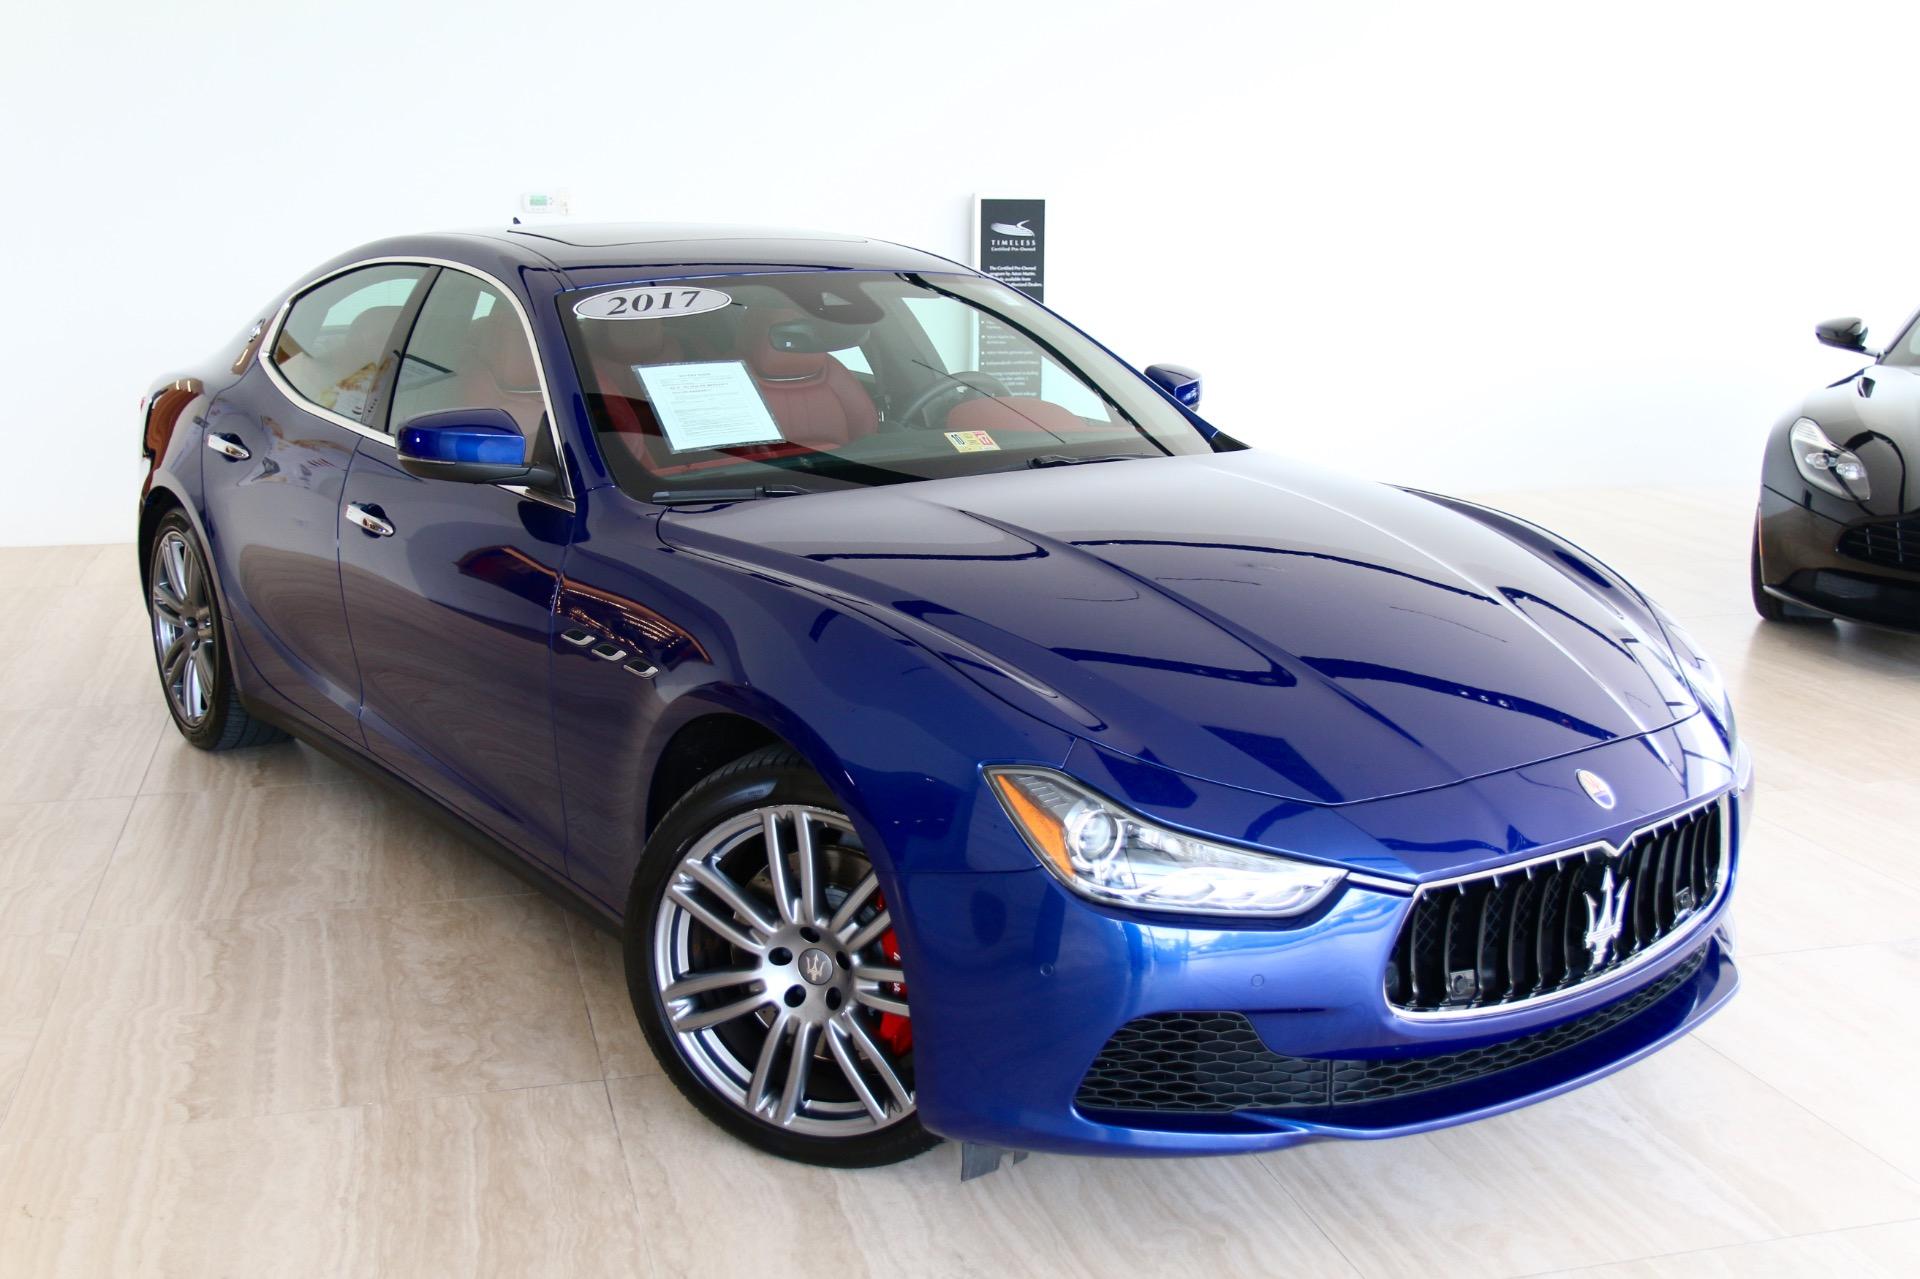 2017 Maserati Ghibli S Q4 Stock 7NC B for sale near Vienna